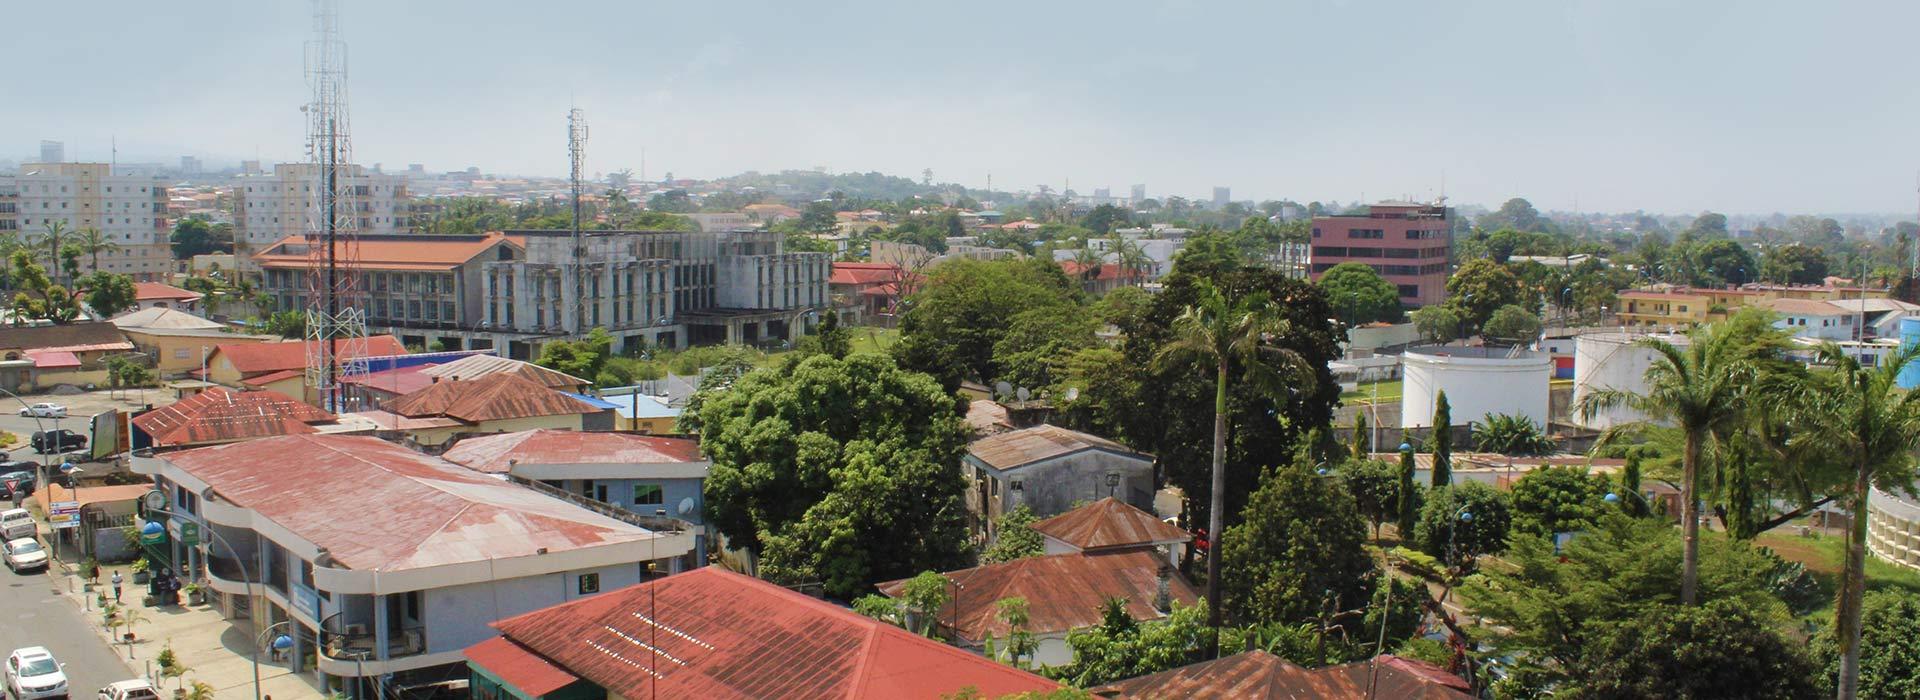 Vistas desde el Hotel Impala Malabo